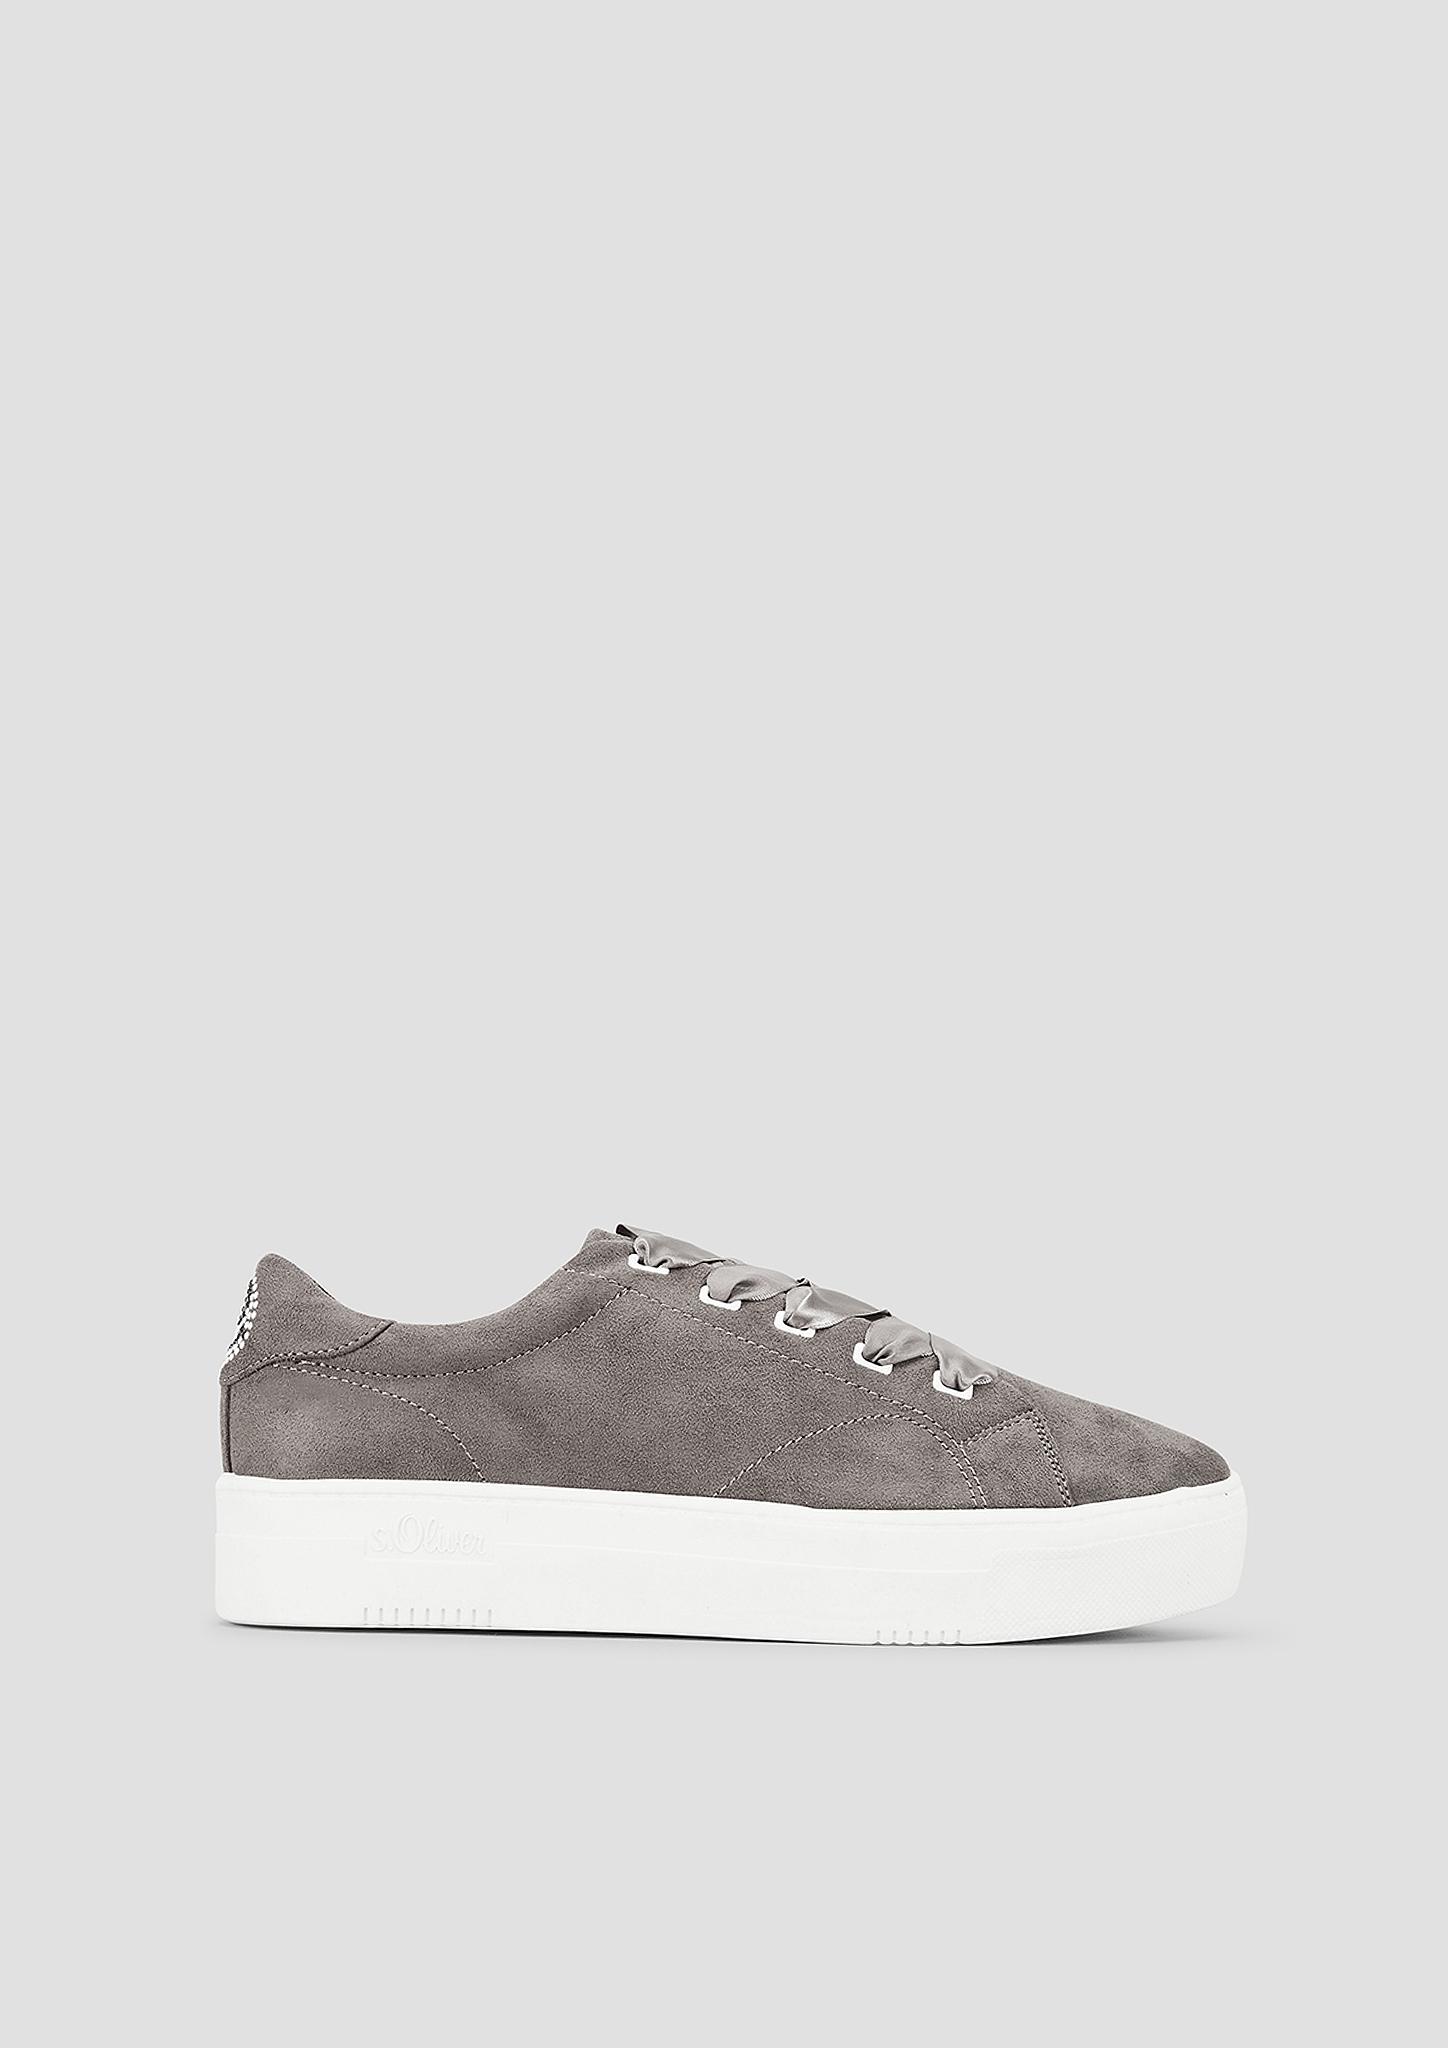 Plateau-Schnürer | Schuhe > Schnürschuhe | Braun | Obermaterial -  futter und decksohle aus textil| laufsohle aus synthetik | s.Oliver